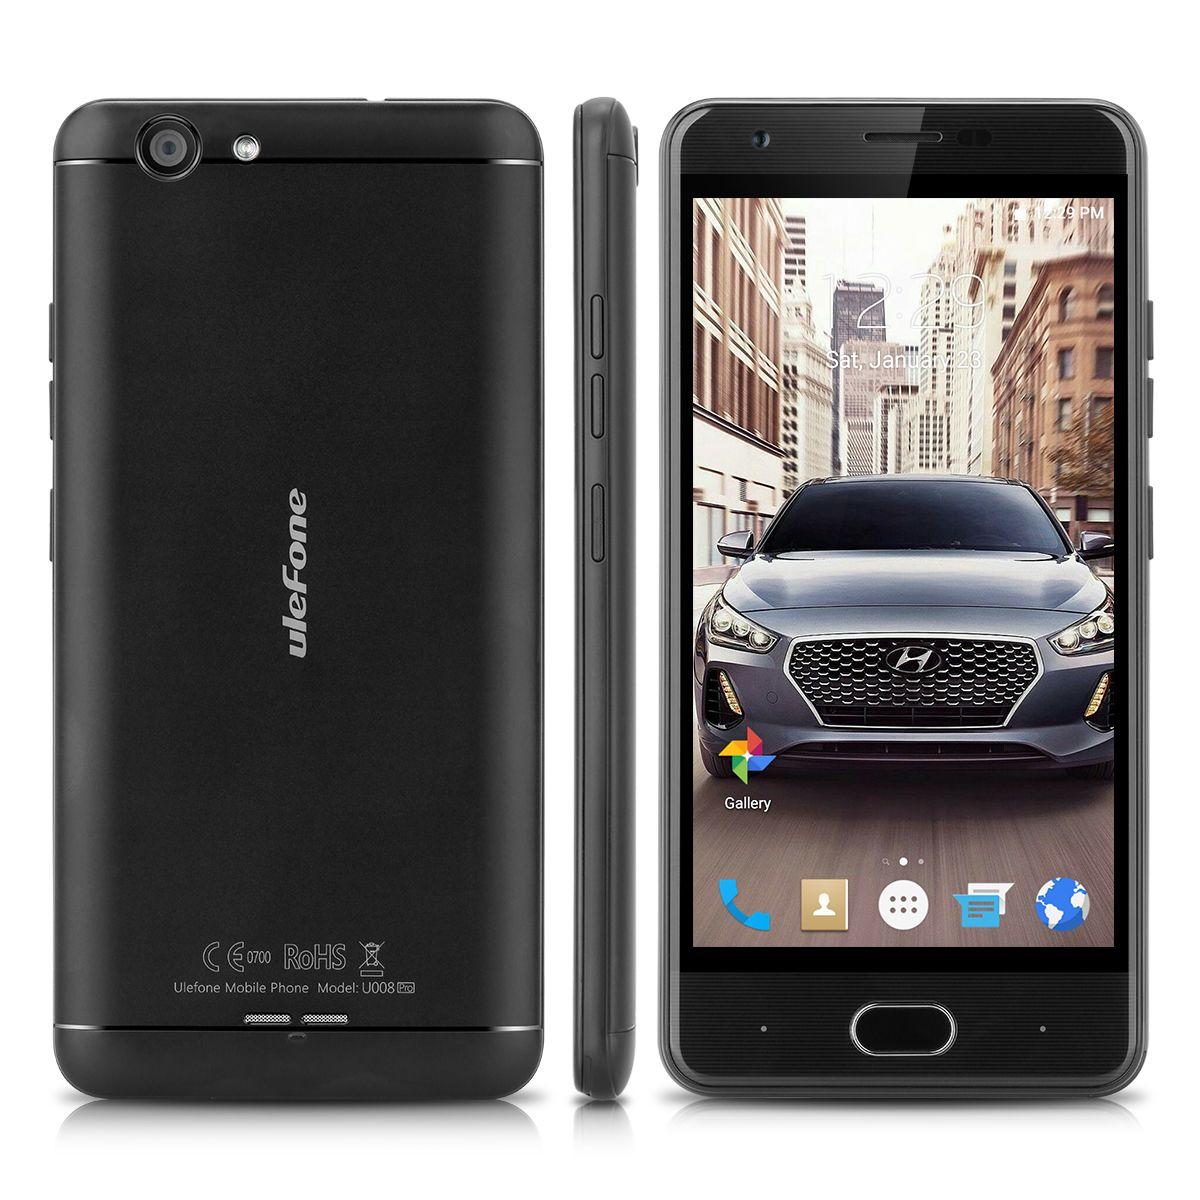 Вибро-отклик у Ulefone U008 Pro находится на среднем уровне. То есть он не сильный и не слабый. Во внутреннем кармане телефон можно легко почувствовать, когда он начнет вибрировать.